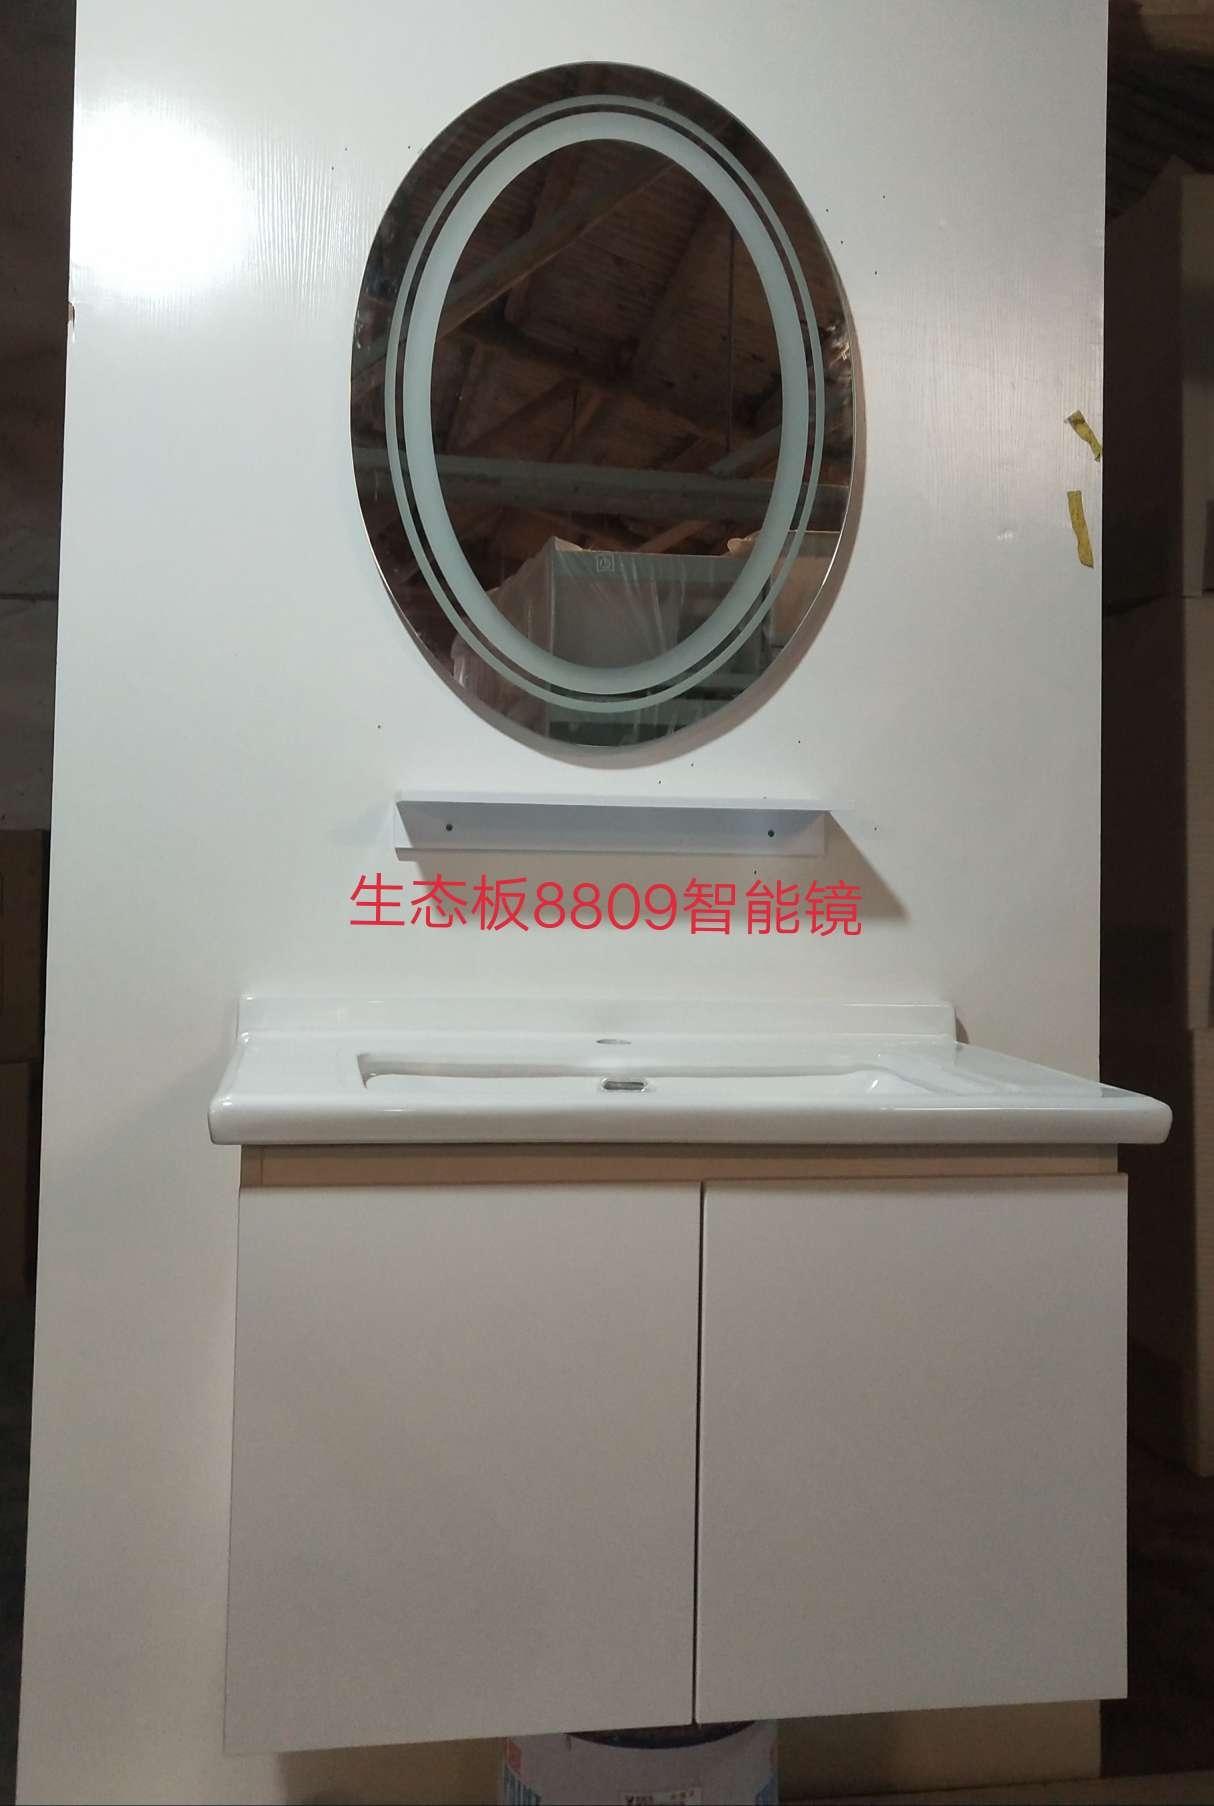 生态板8809智能镜